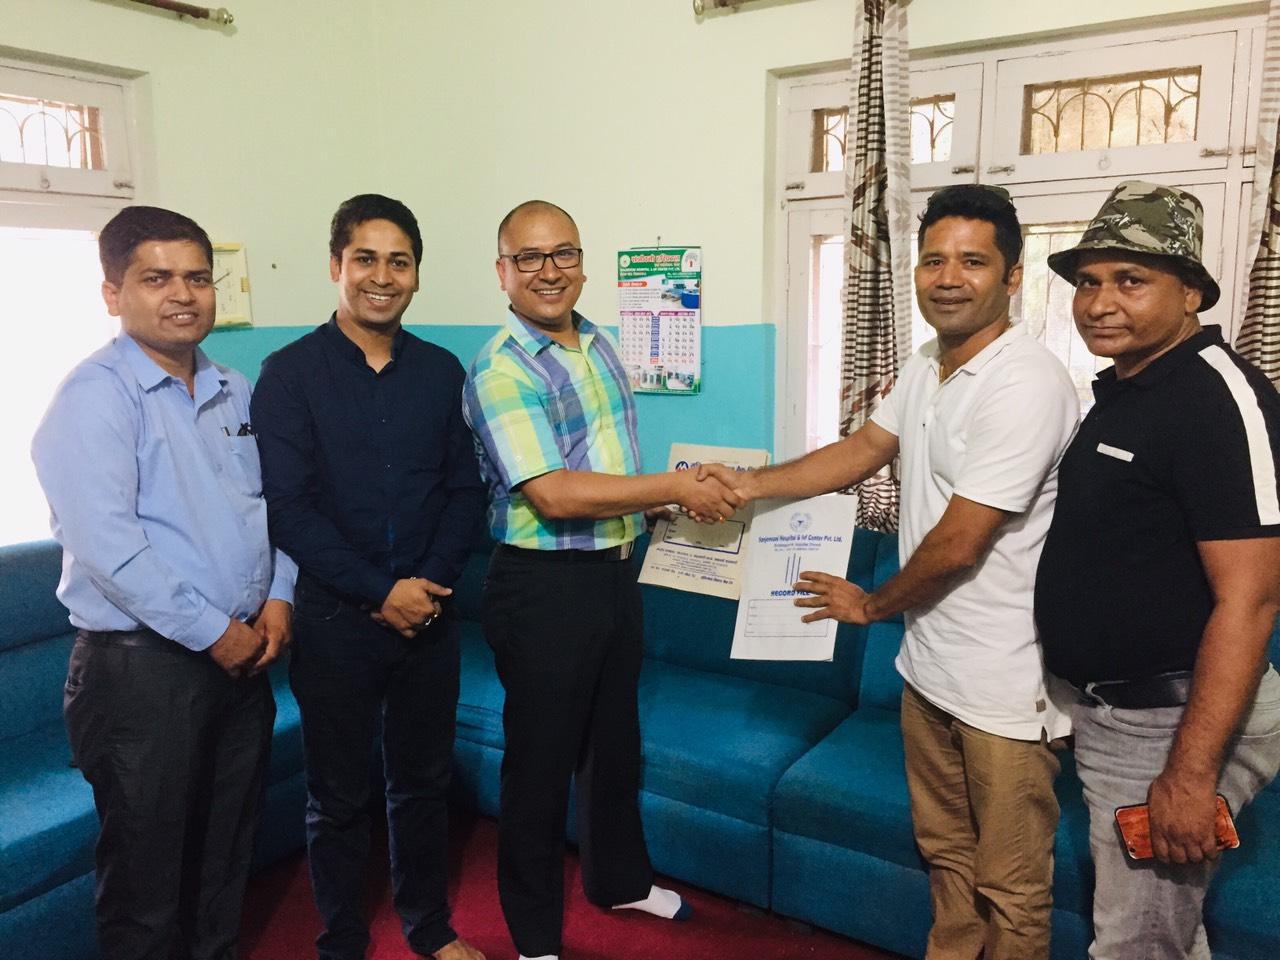 मुक्तिनाथ विकास बैंक र विराटनगरस्थित सञ्जिवनी हस्पिटल र विराट आँखा हस्पिटलबीच सहकार्य